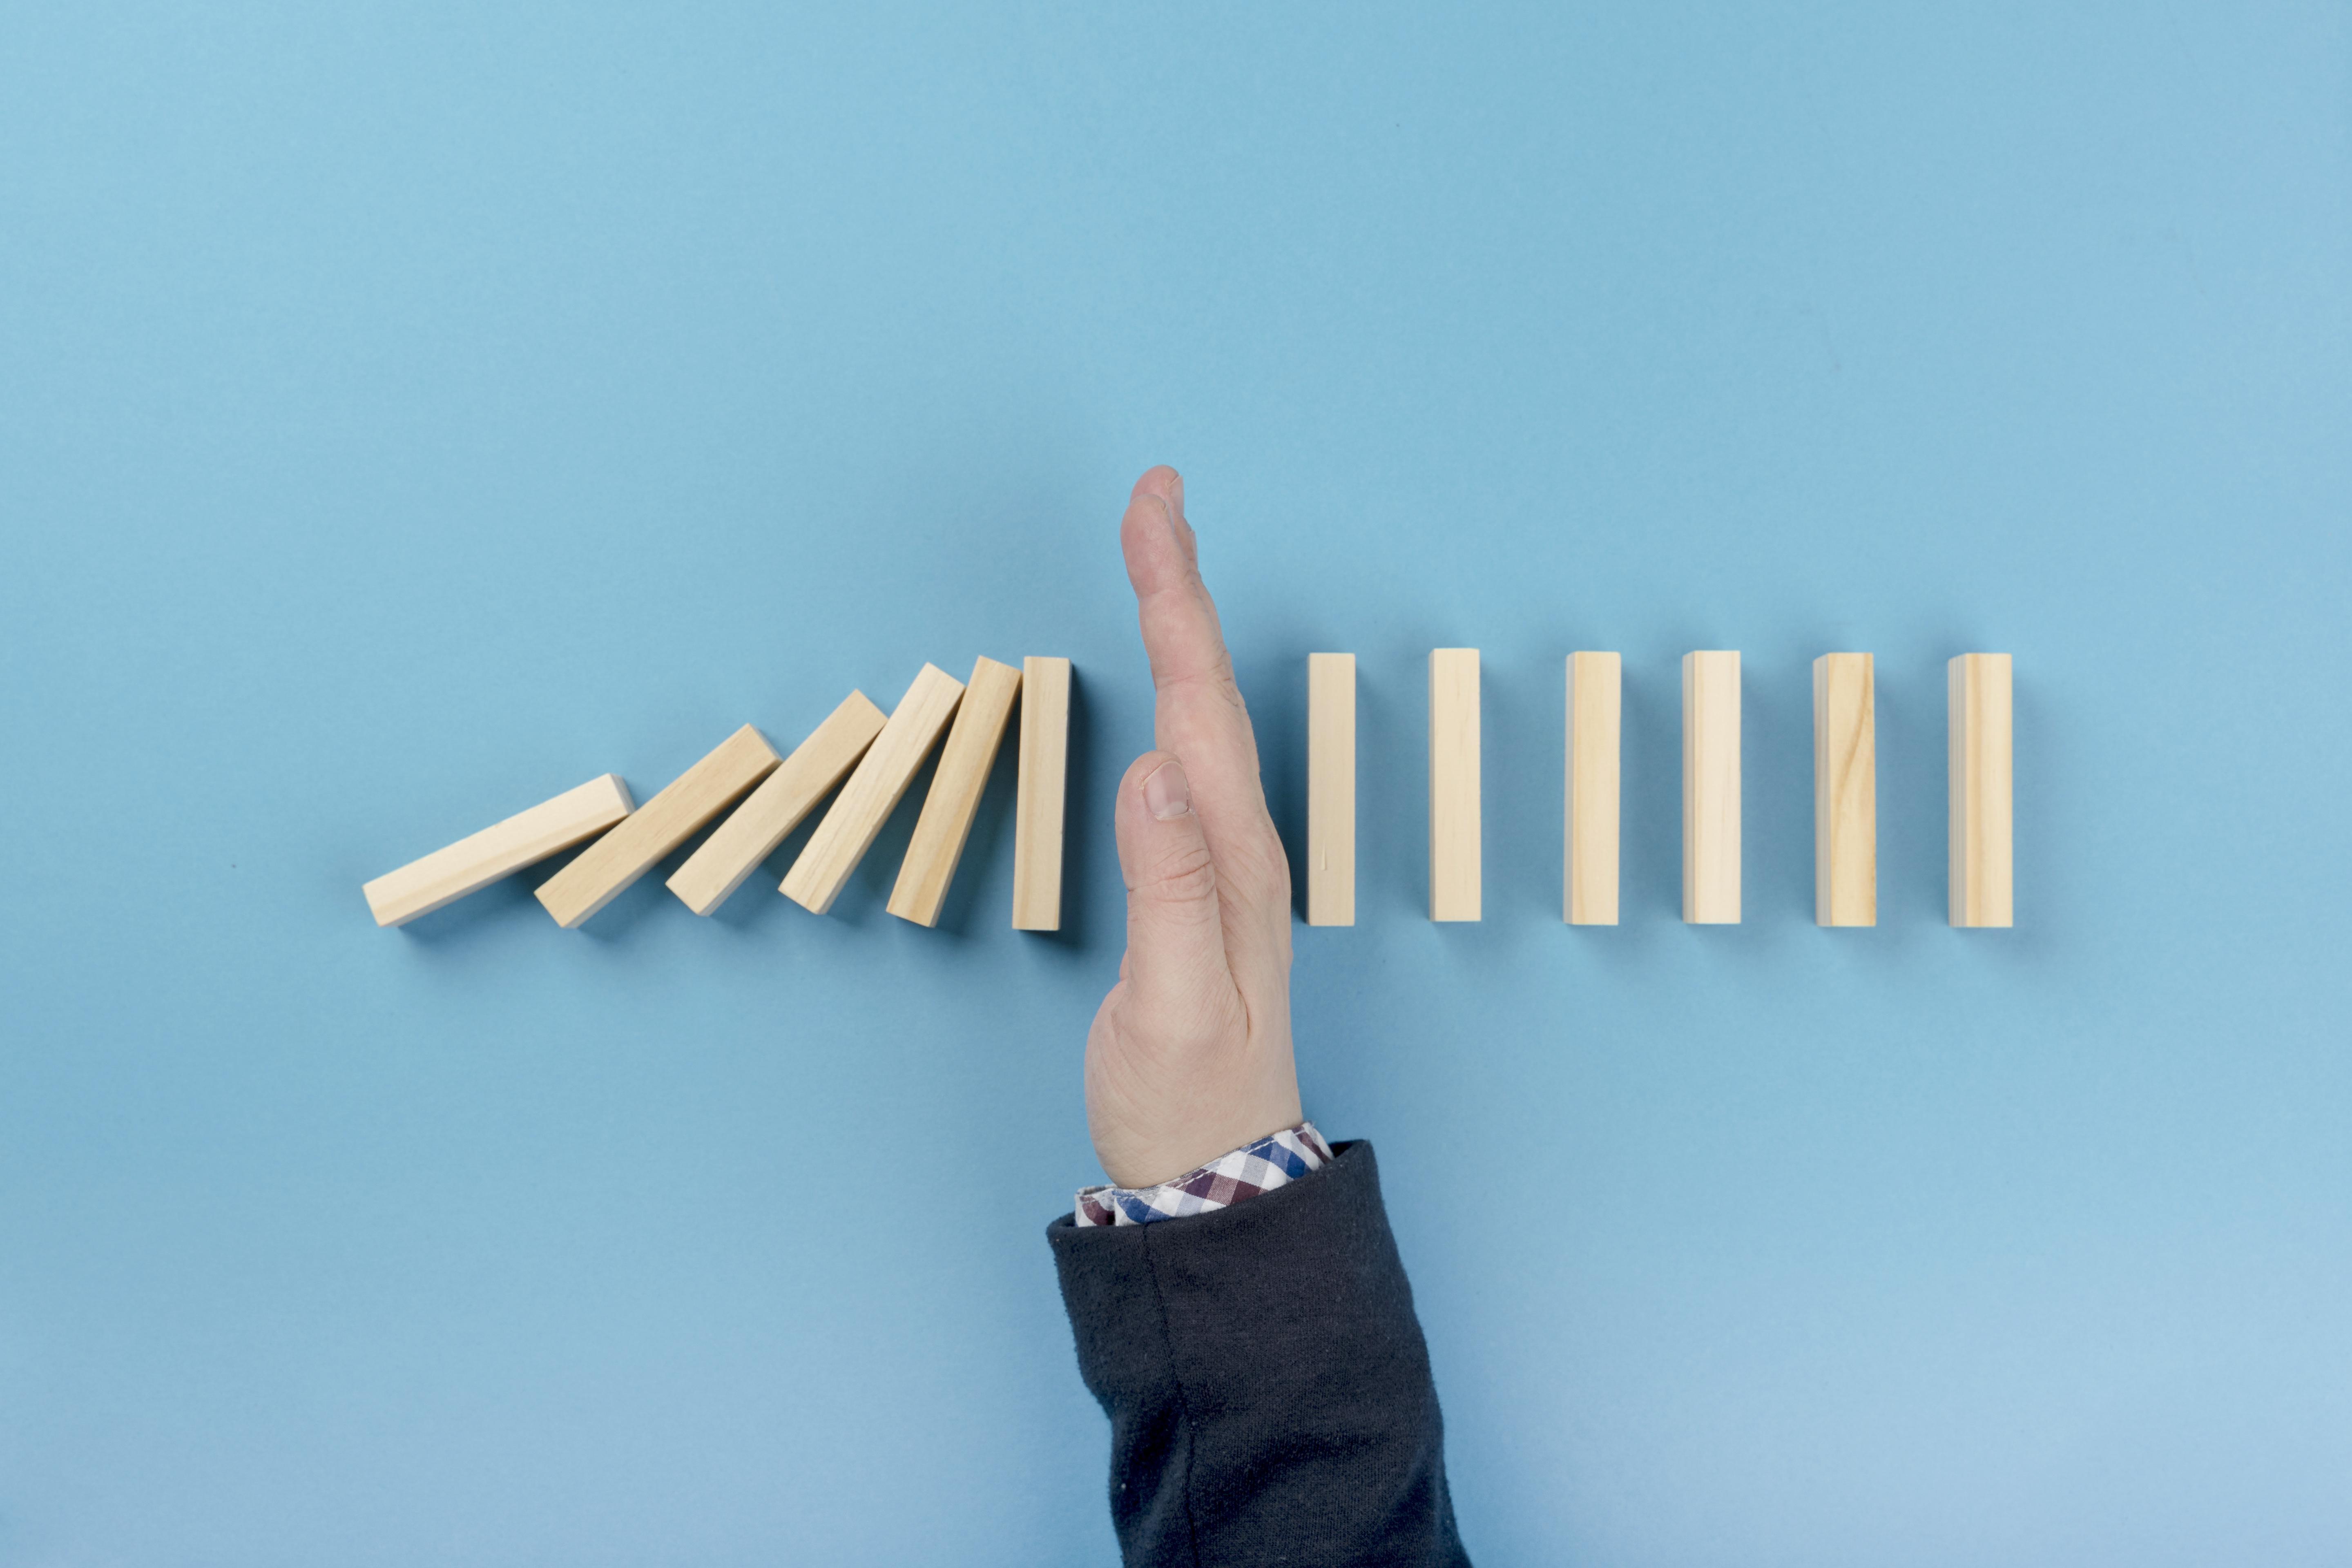 بدهی فنی Technical Debt چیست و چگونه آن را مدیریت میکنند؟